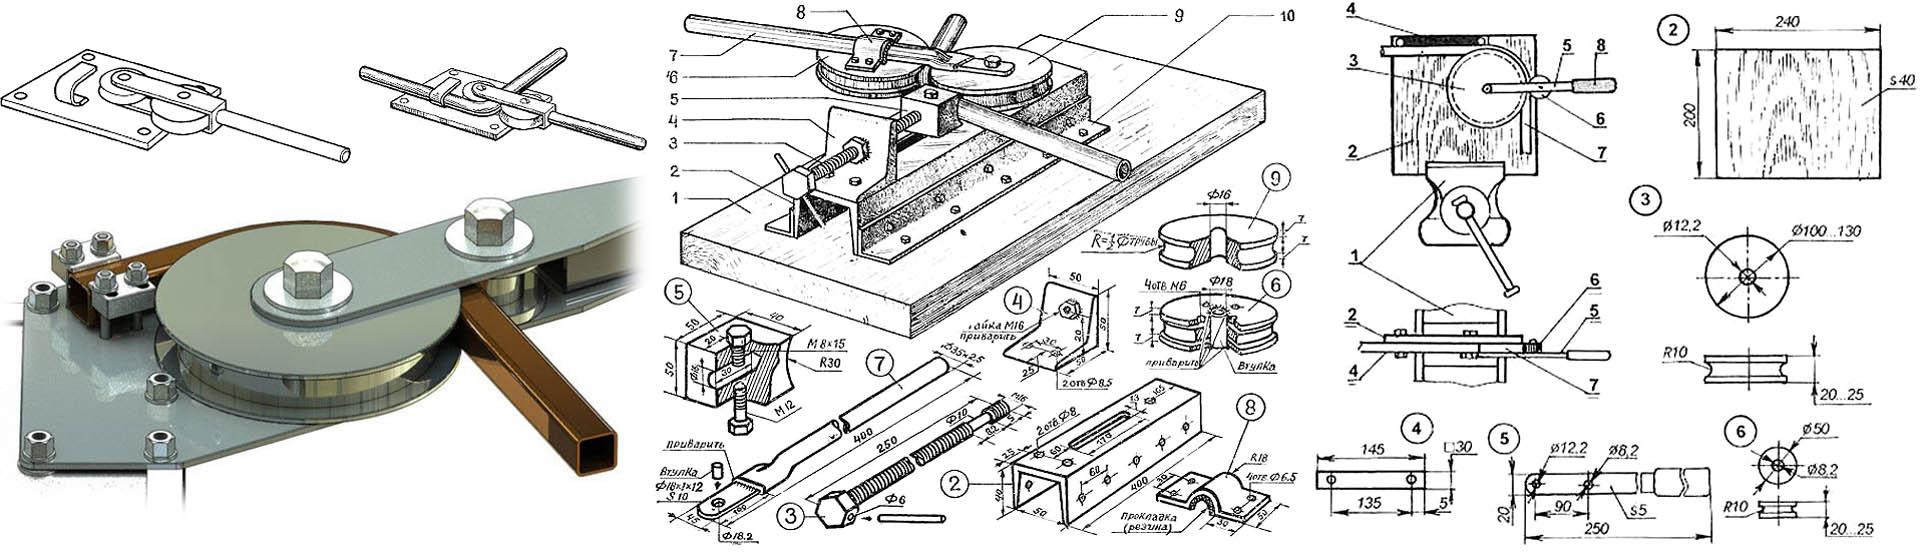 Делаем трубогиб своими руками: инструкция по созданию универсального инструмента + 59 фото